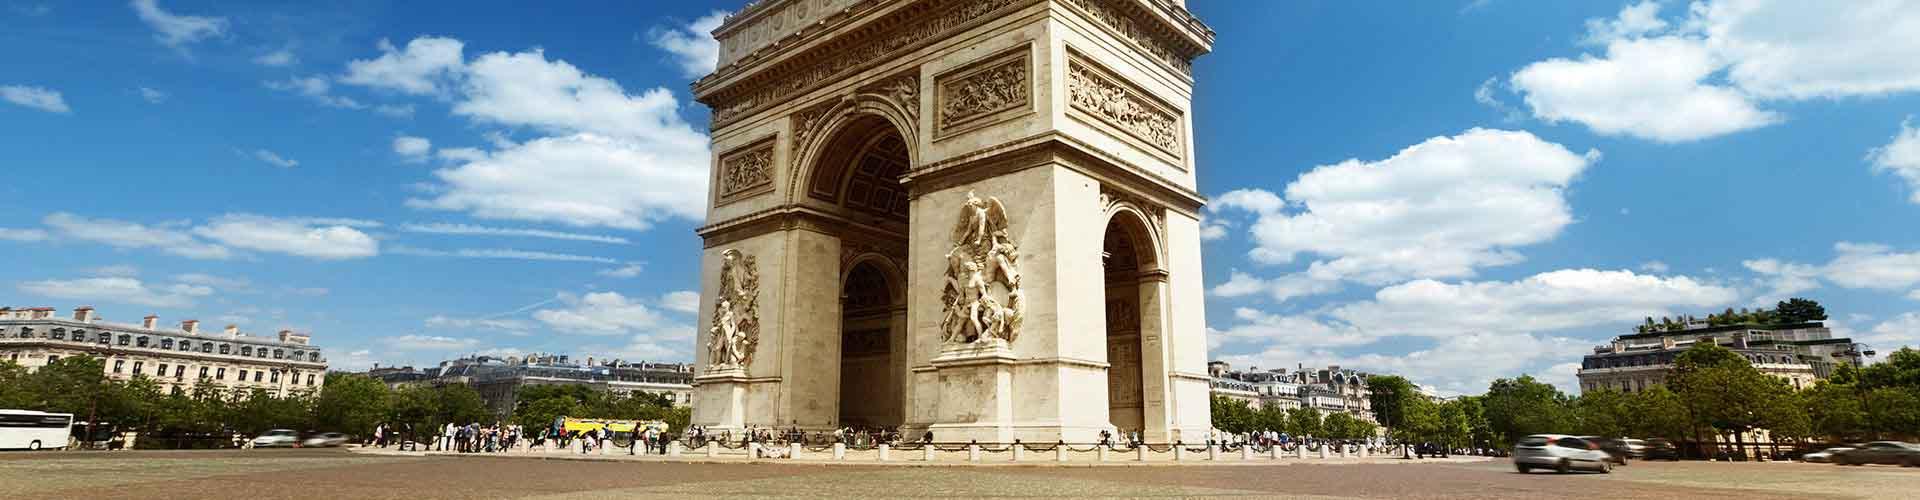 Paříž - Hostelů v blízkosti Arc de Triomphe. Mapy pro Paříž, fotky a recenze pro každý hostel v Paříž.